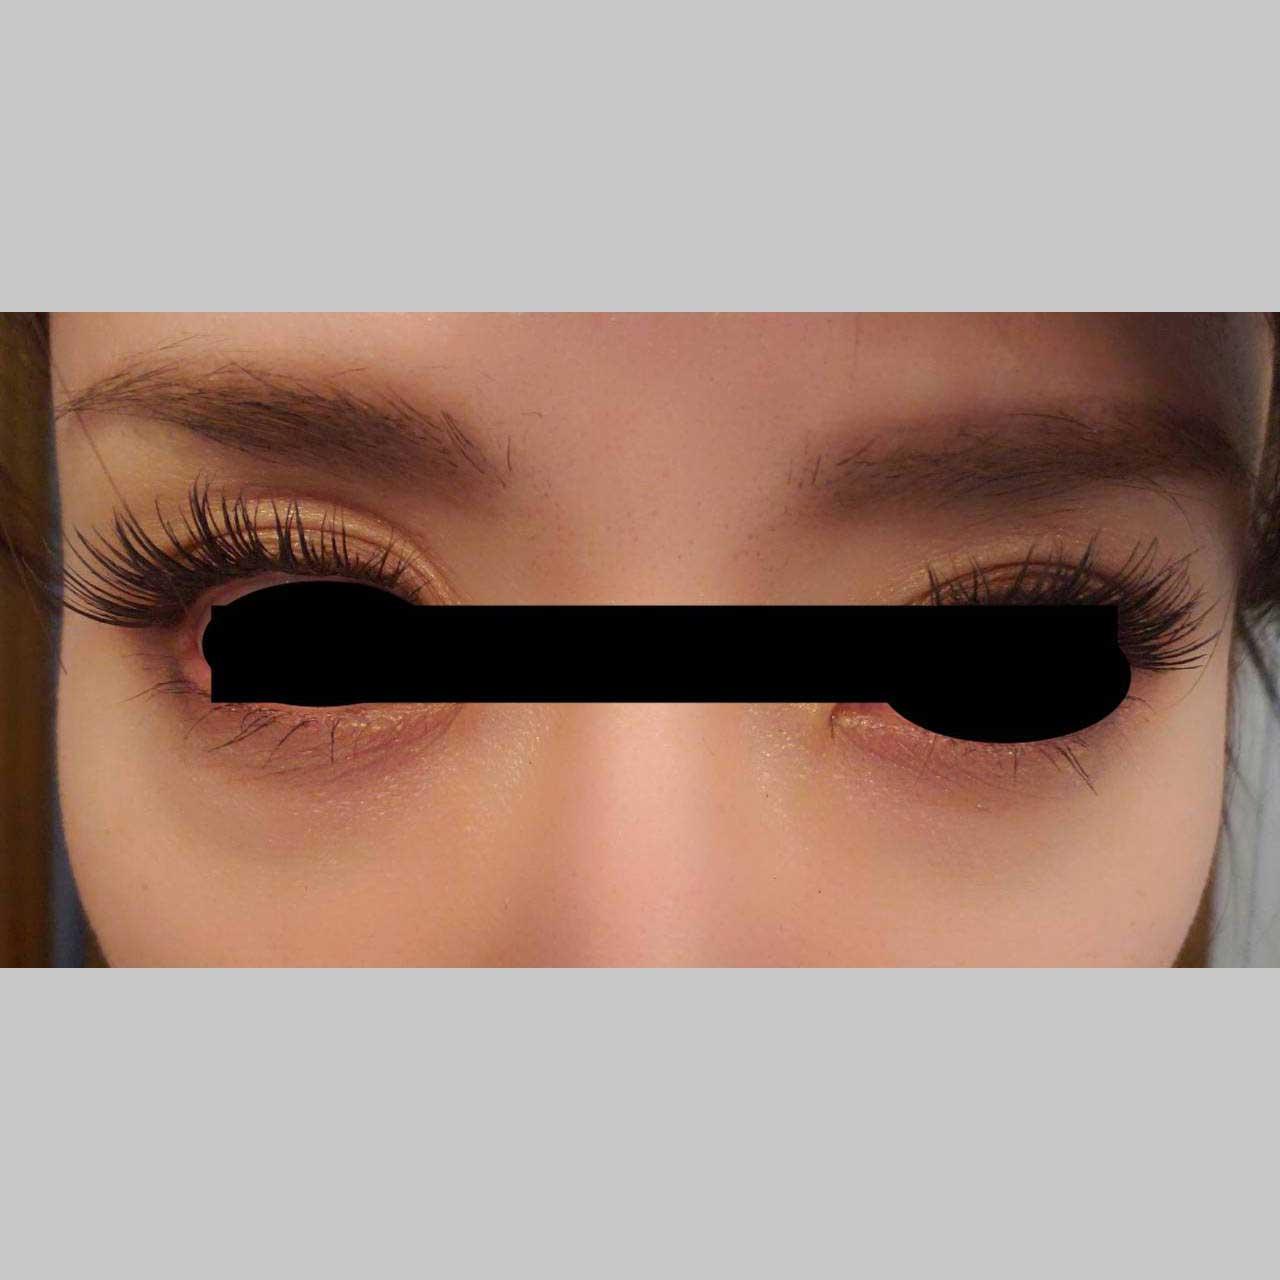 目元の整形、目のクマ治療 (ヒアルロン酸注入(ビタールライト0.3cc)+マイクロカニューレ2本) 施術前